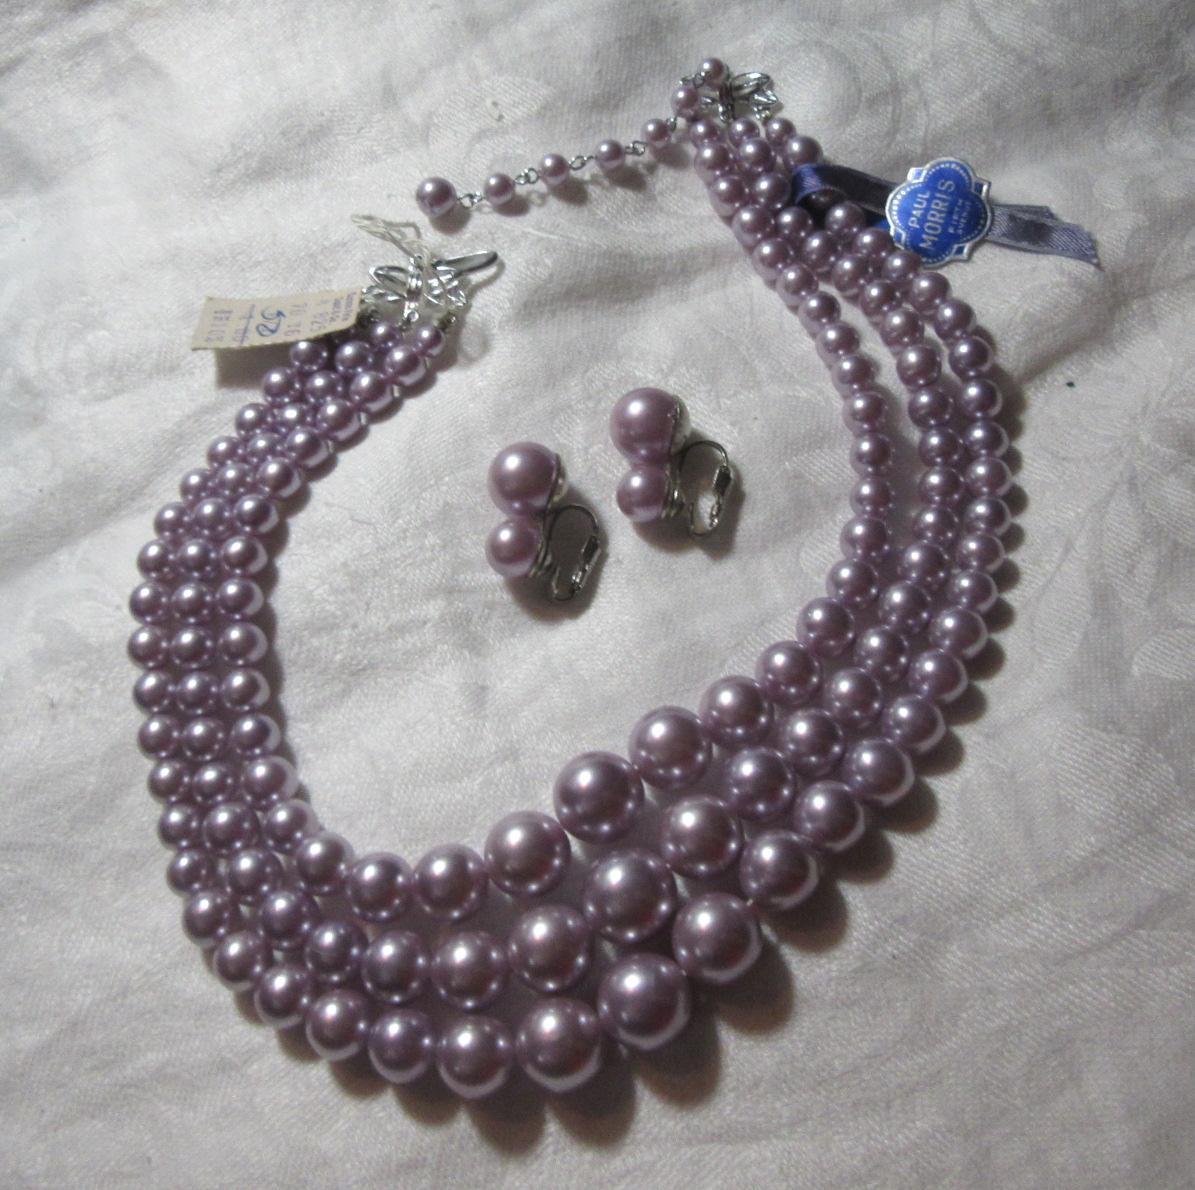 Violet Faux Pearls Beads Necklace Clip Earring Set Demi Parure